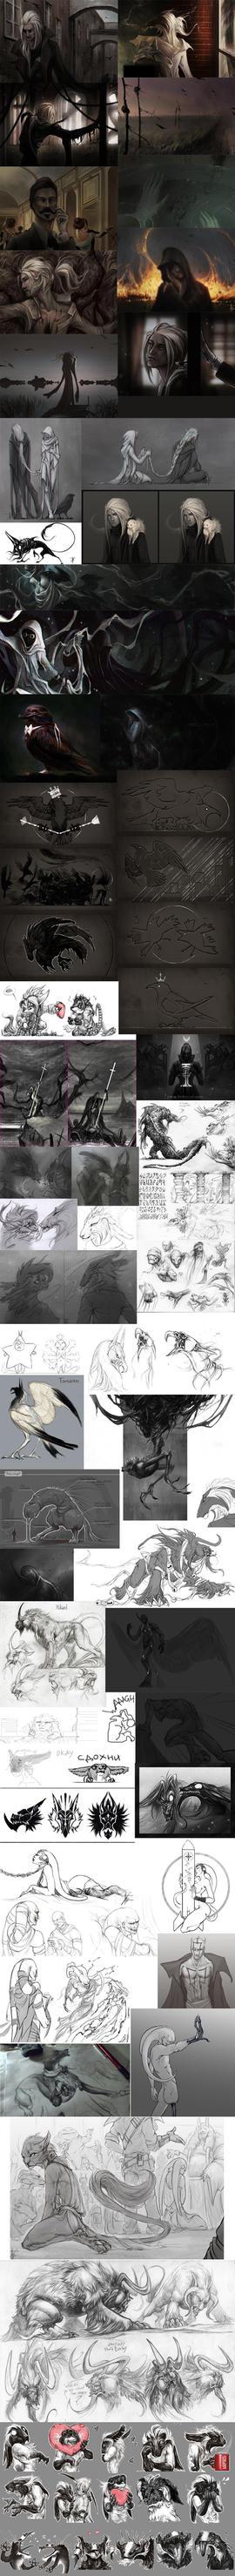 28-07-17 SketchDump by MattBarley